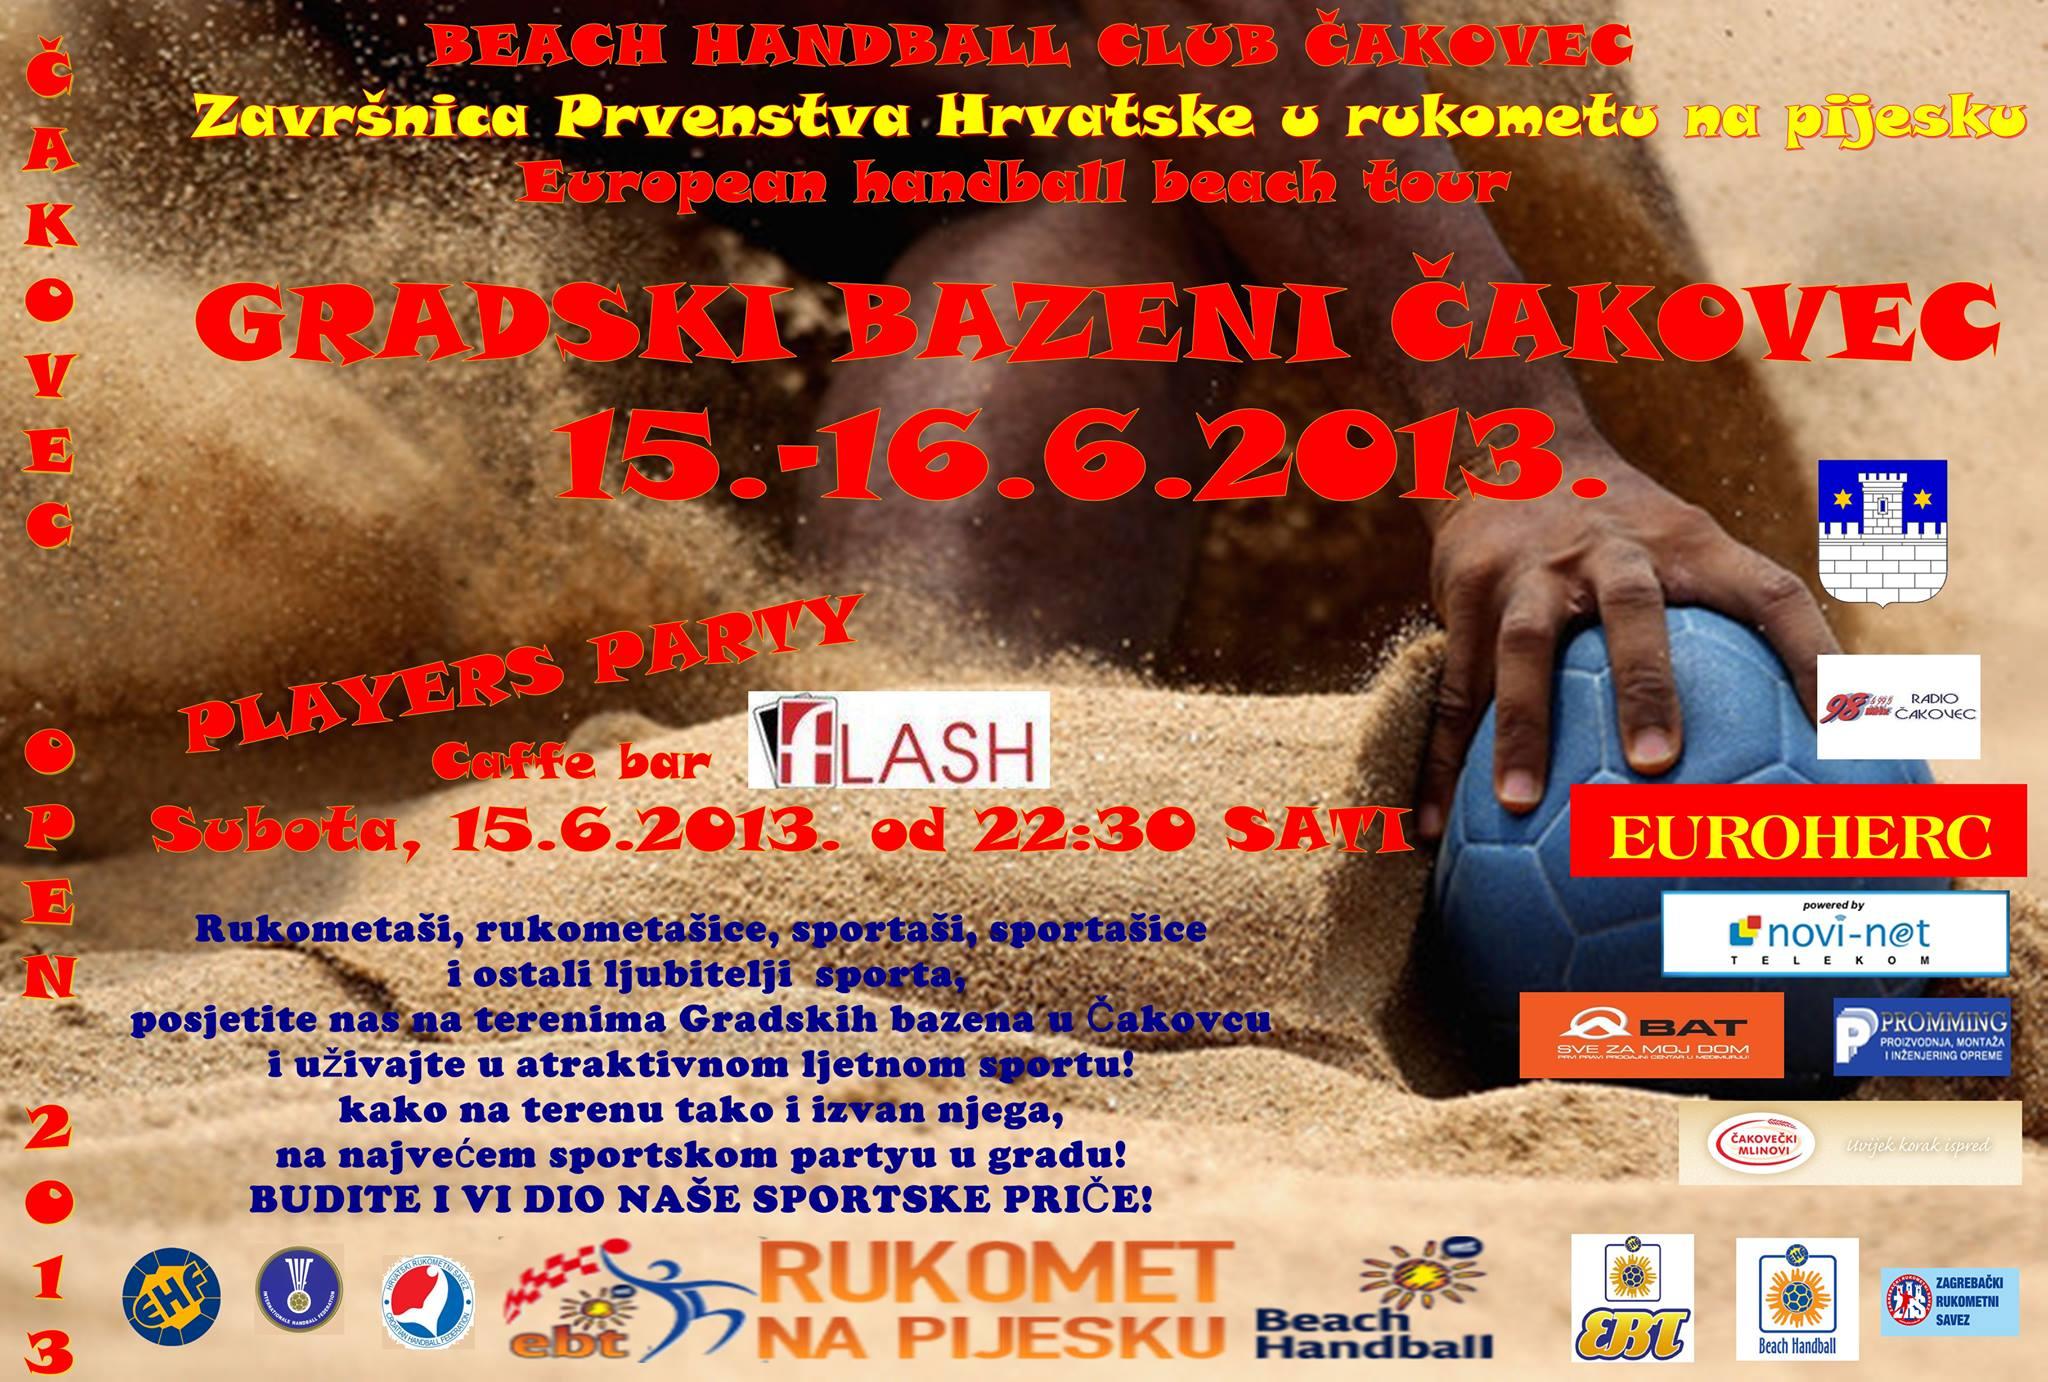 CakovecOpen2013